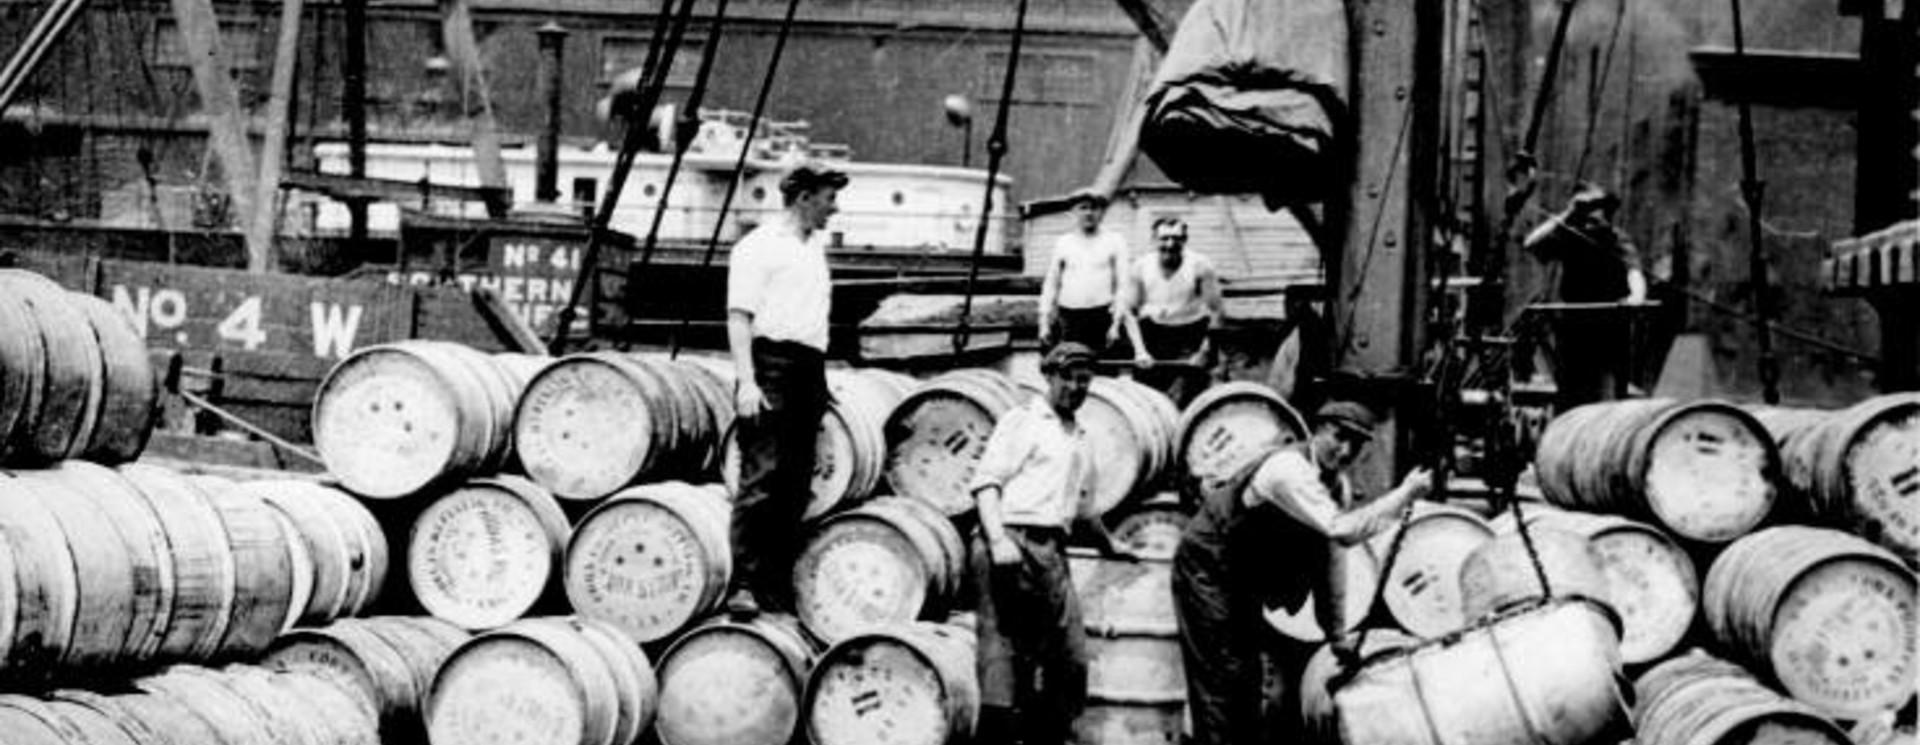 De Seizoenskrachten van Havenbrouwerij Het Brouwdok